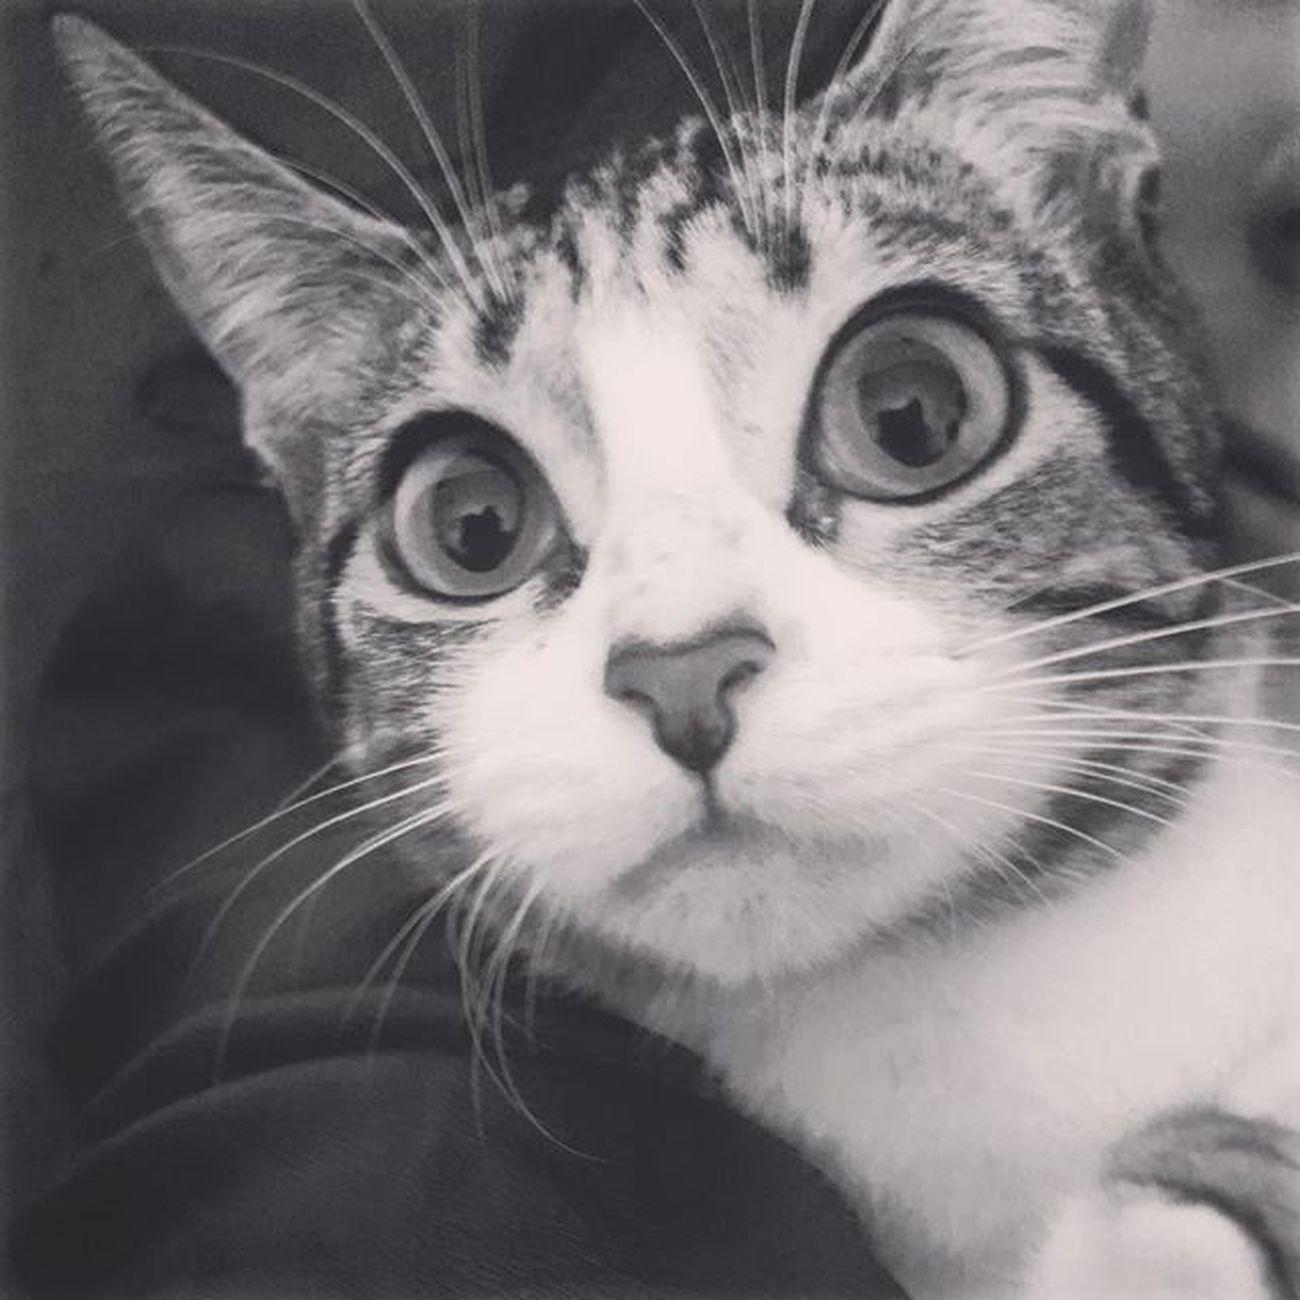 Bom Dia!! Agora sim acabou o meu soninho,se minha mãe deixasse eu dormia até não querer mais 🙀😁 Catsoninstagram Lovecats Amogatos Catslife Catfoto Soninho Nenêthefatcat Nenêmyfatcat Nenêgorda